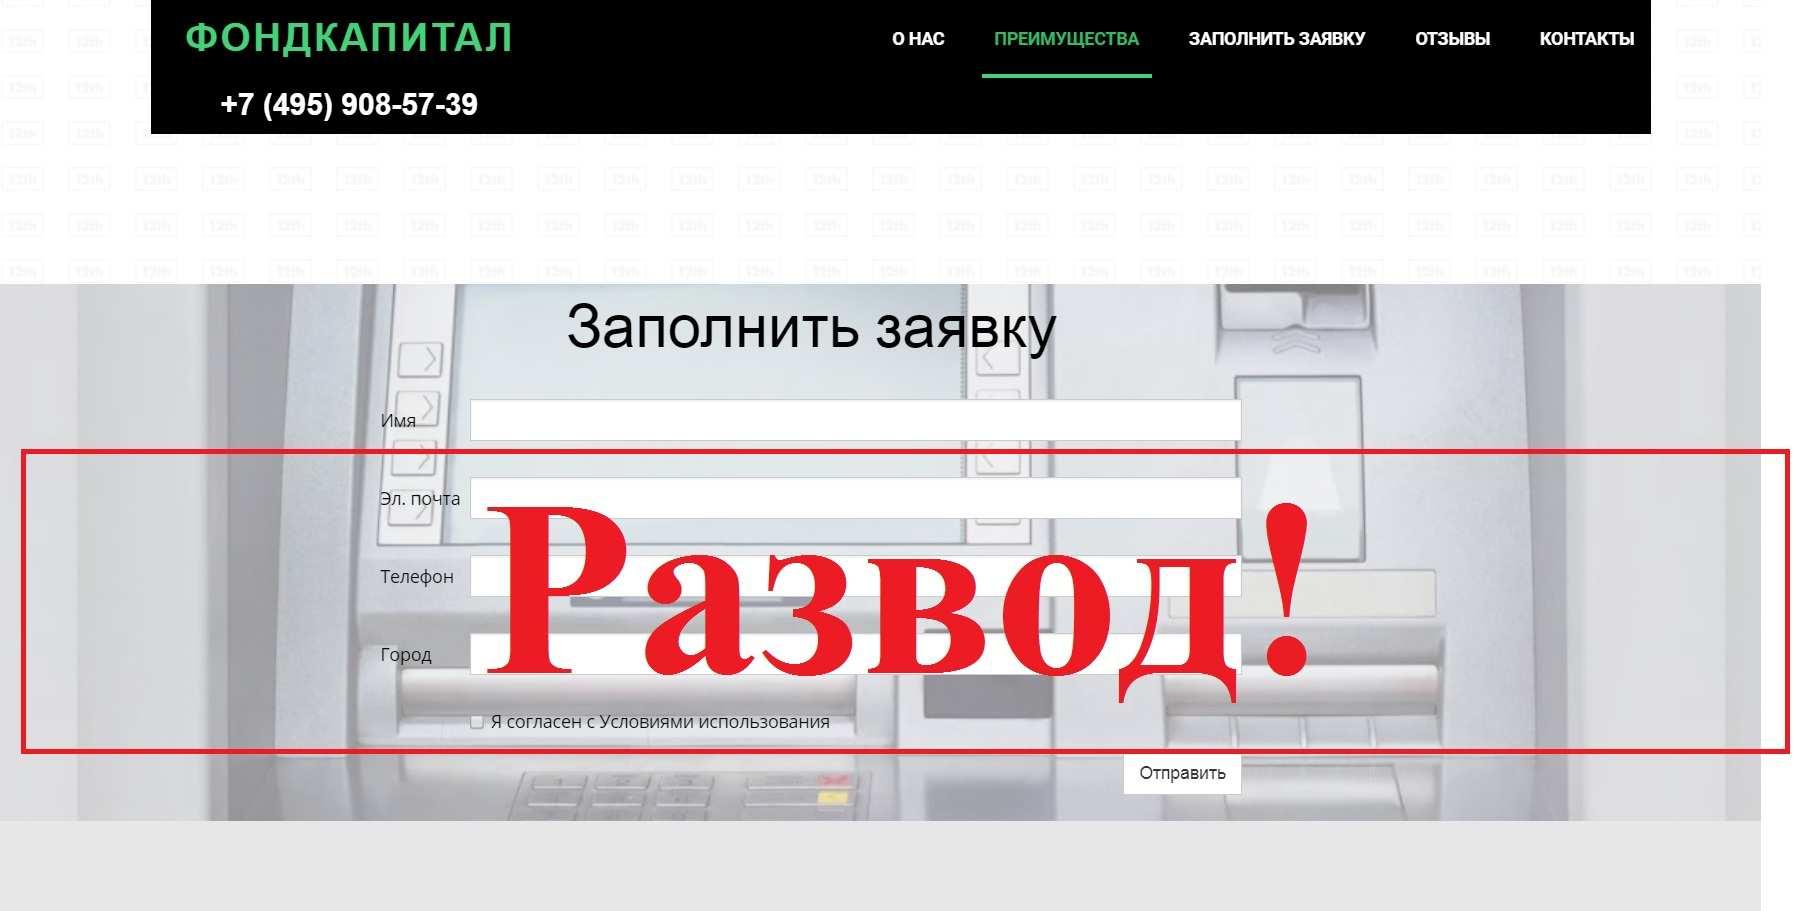 Банк Фондкапитал – отзывы о сомнительном проекте